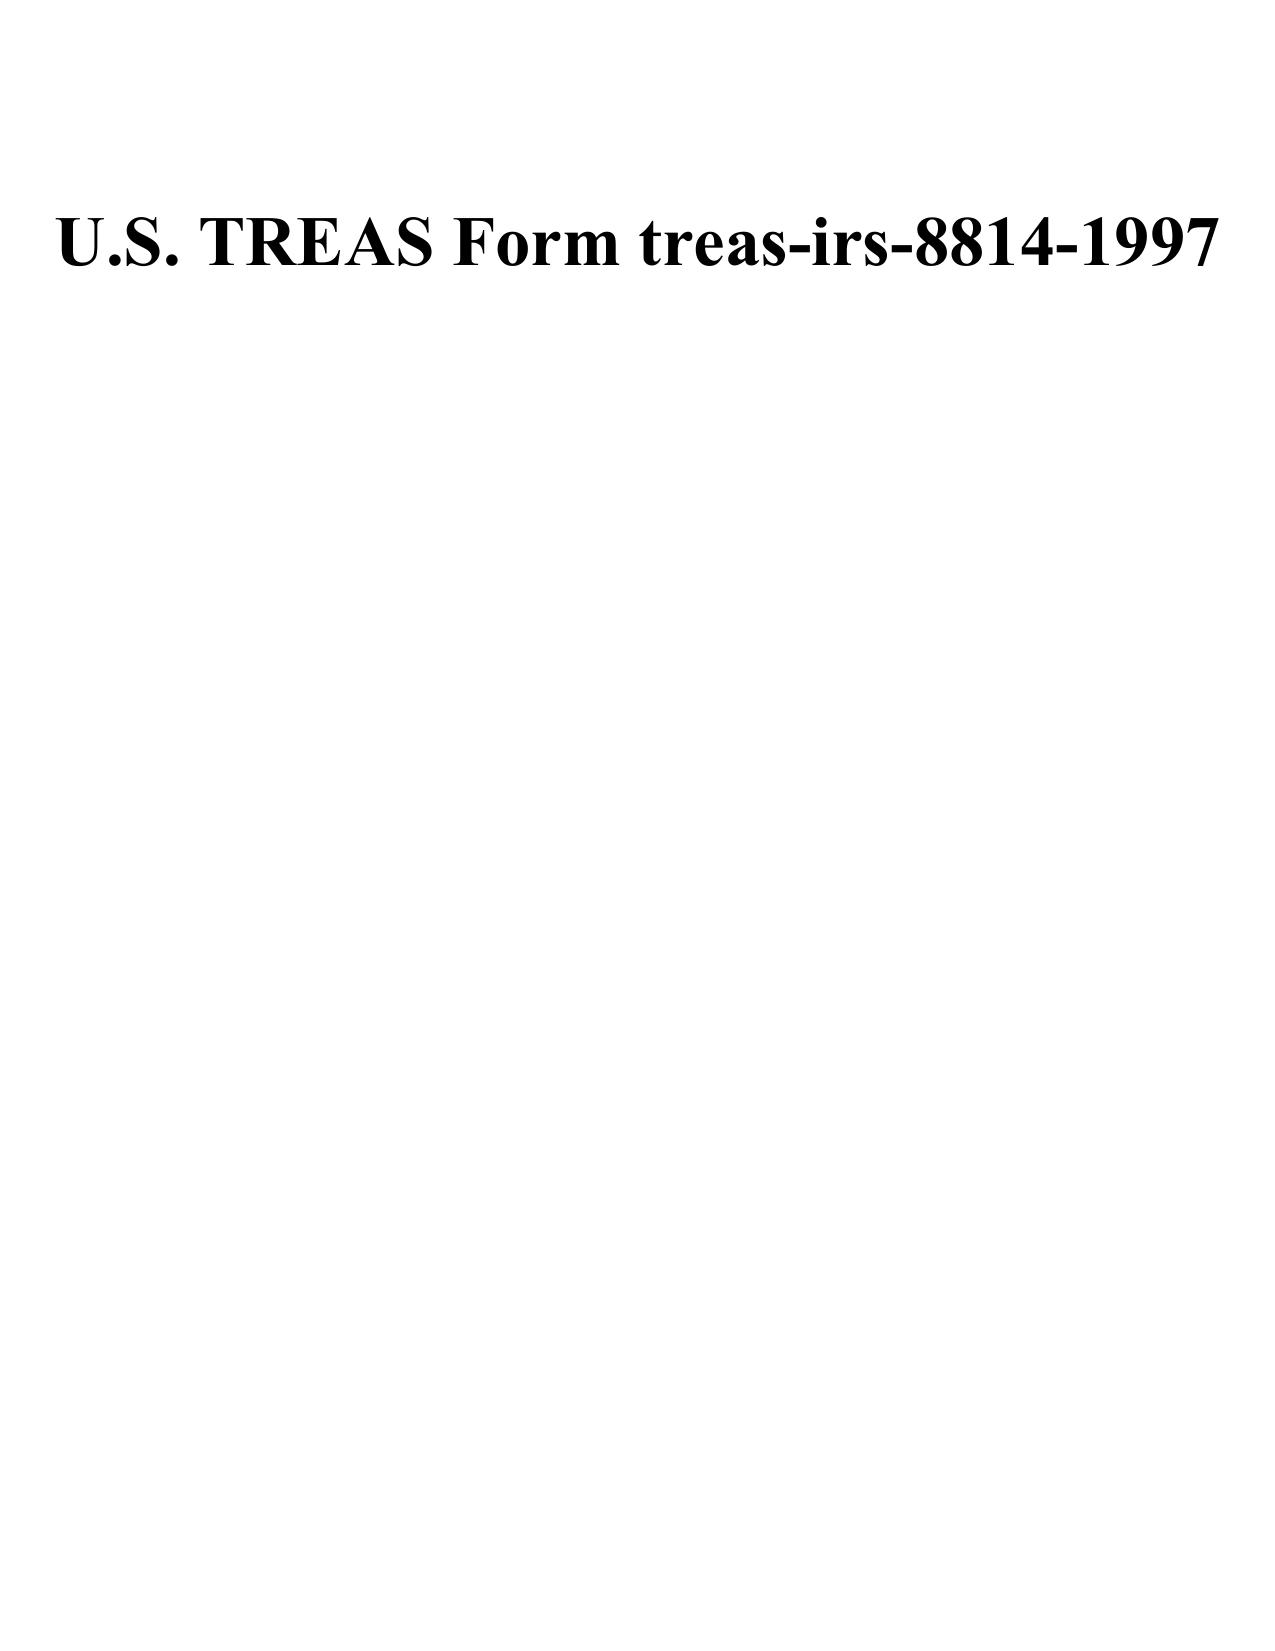 U.S. TREAS Form treas-irs-8814-1997